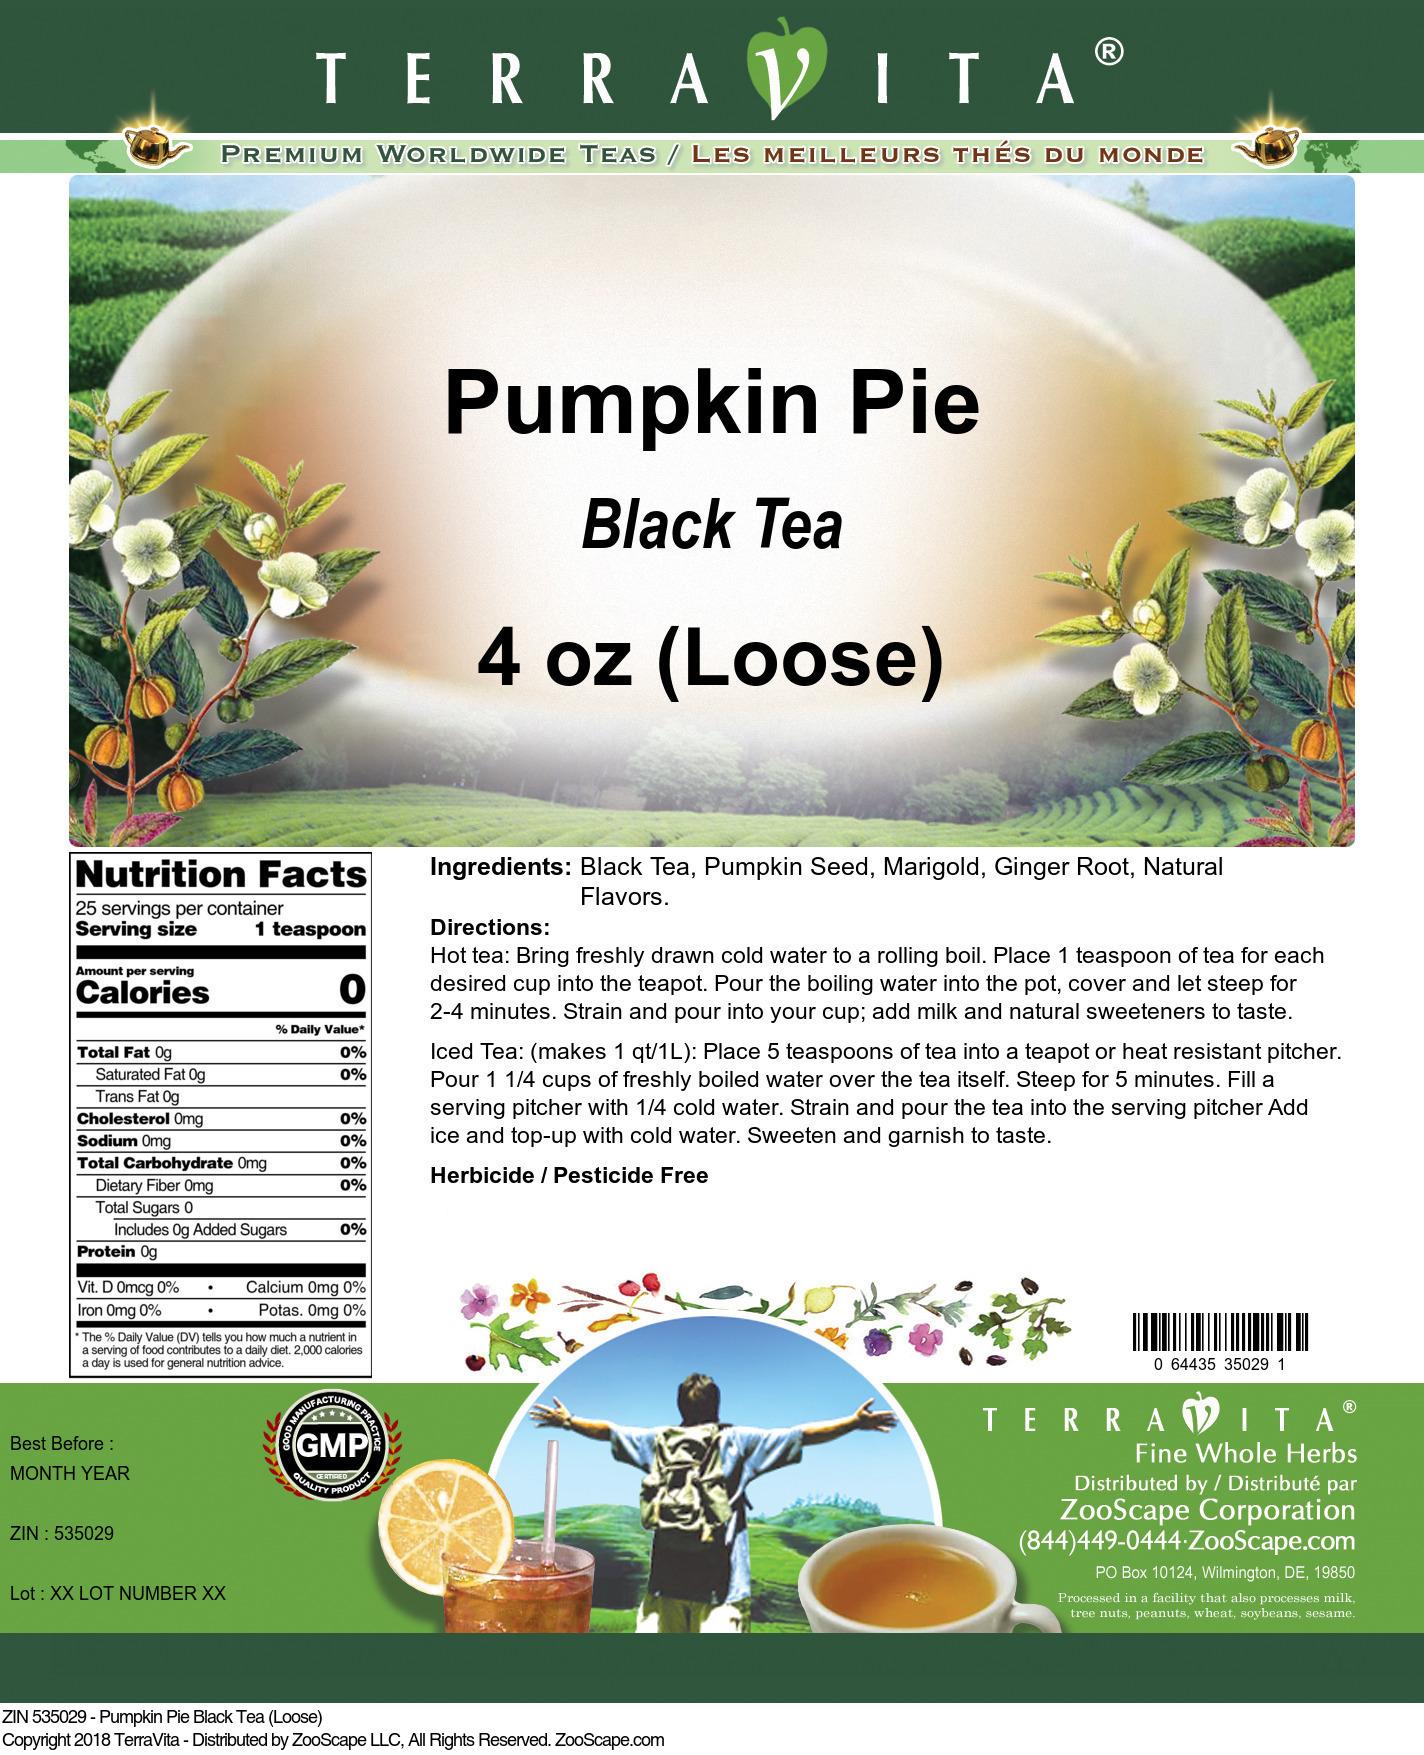 Pumpkin Pie Black Tea